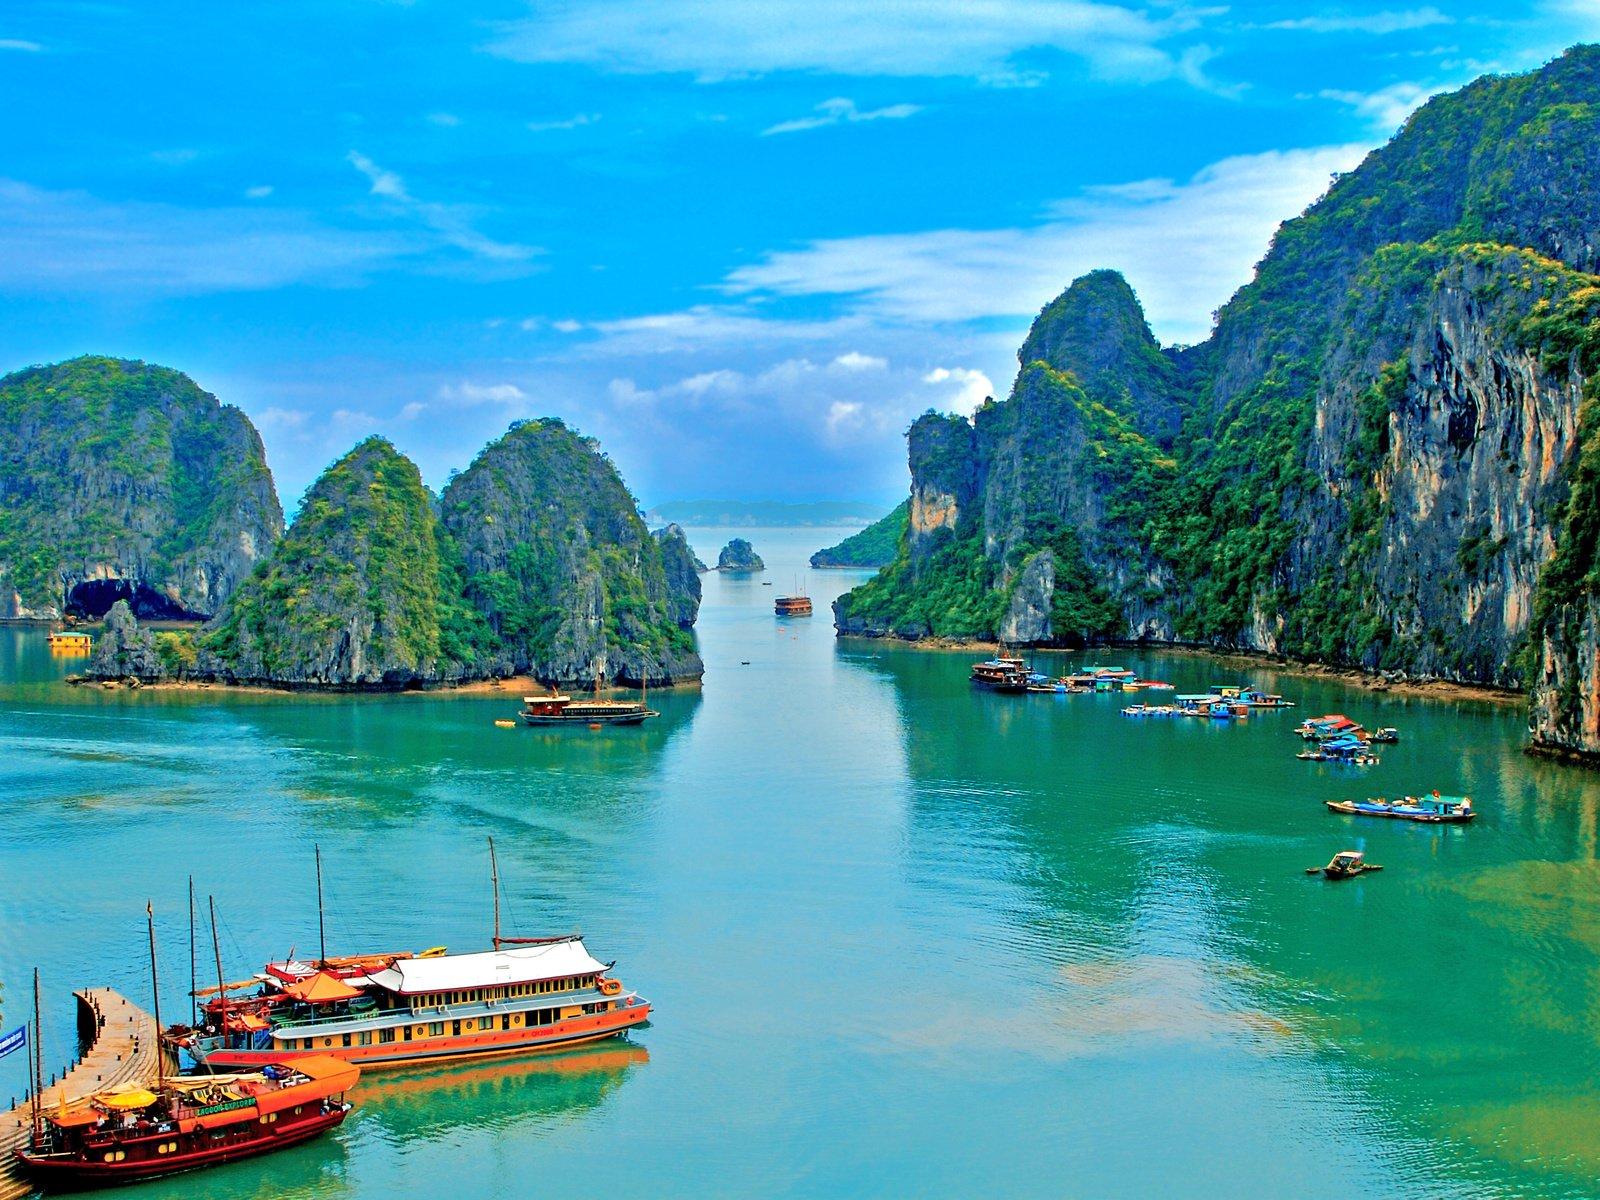 Где лучше отдыхать во Вьетнаме в апреле пляжный отдых